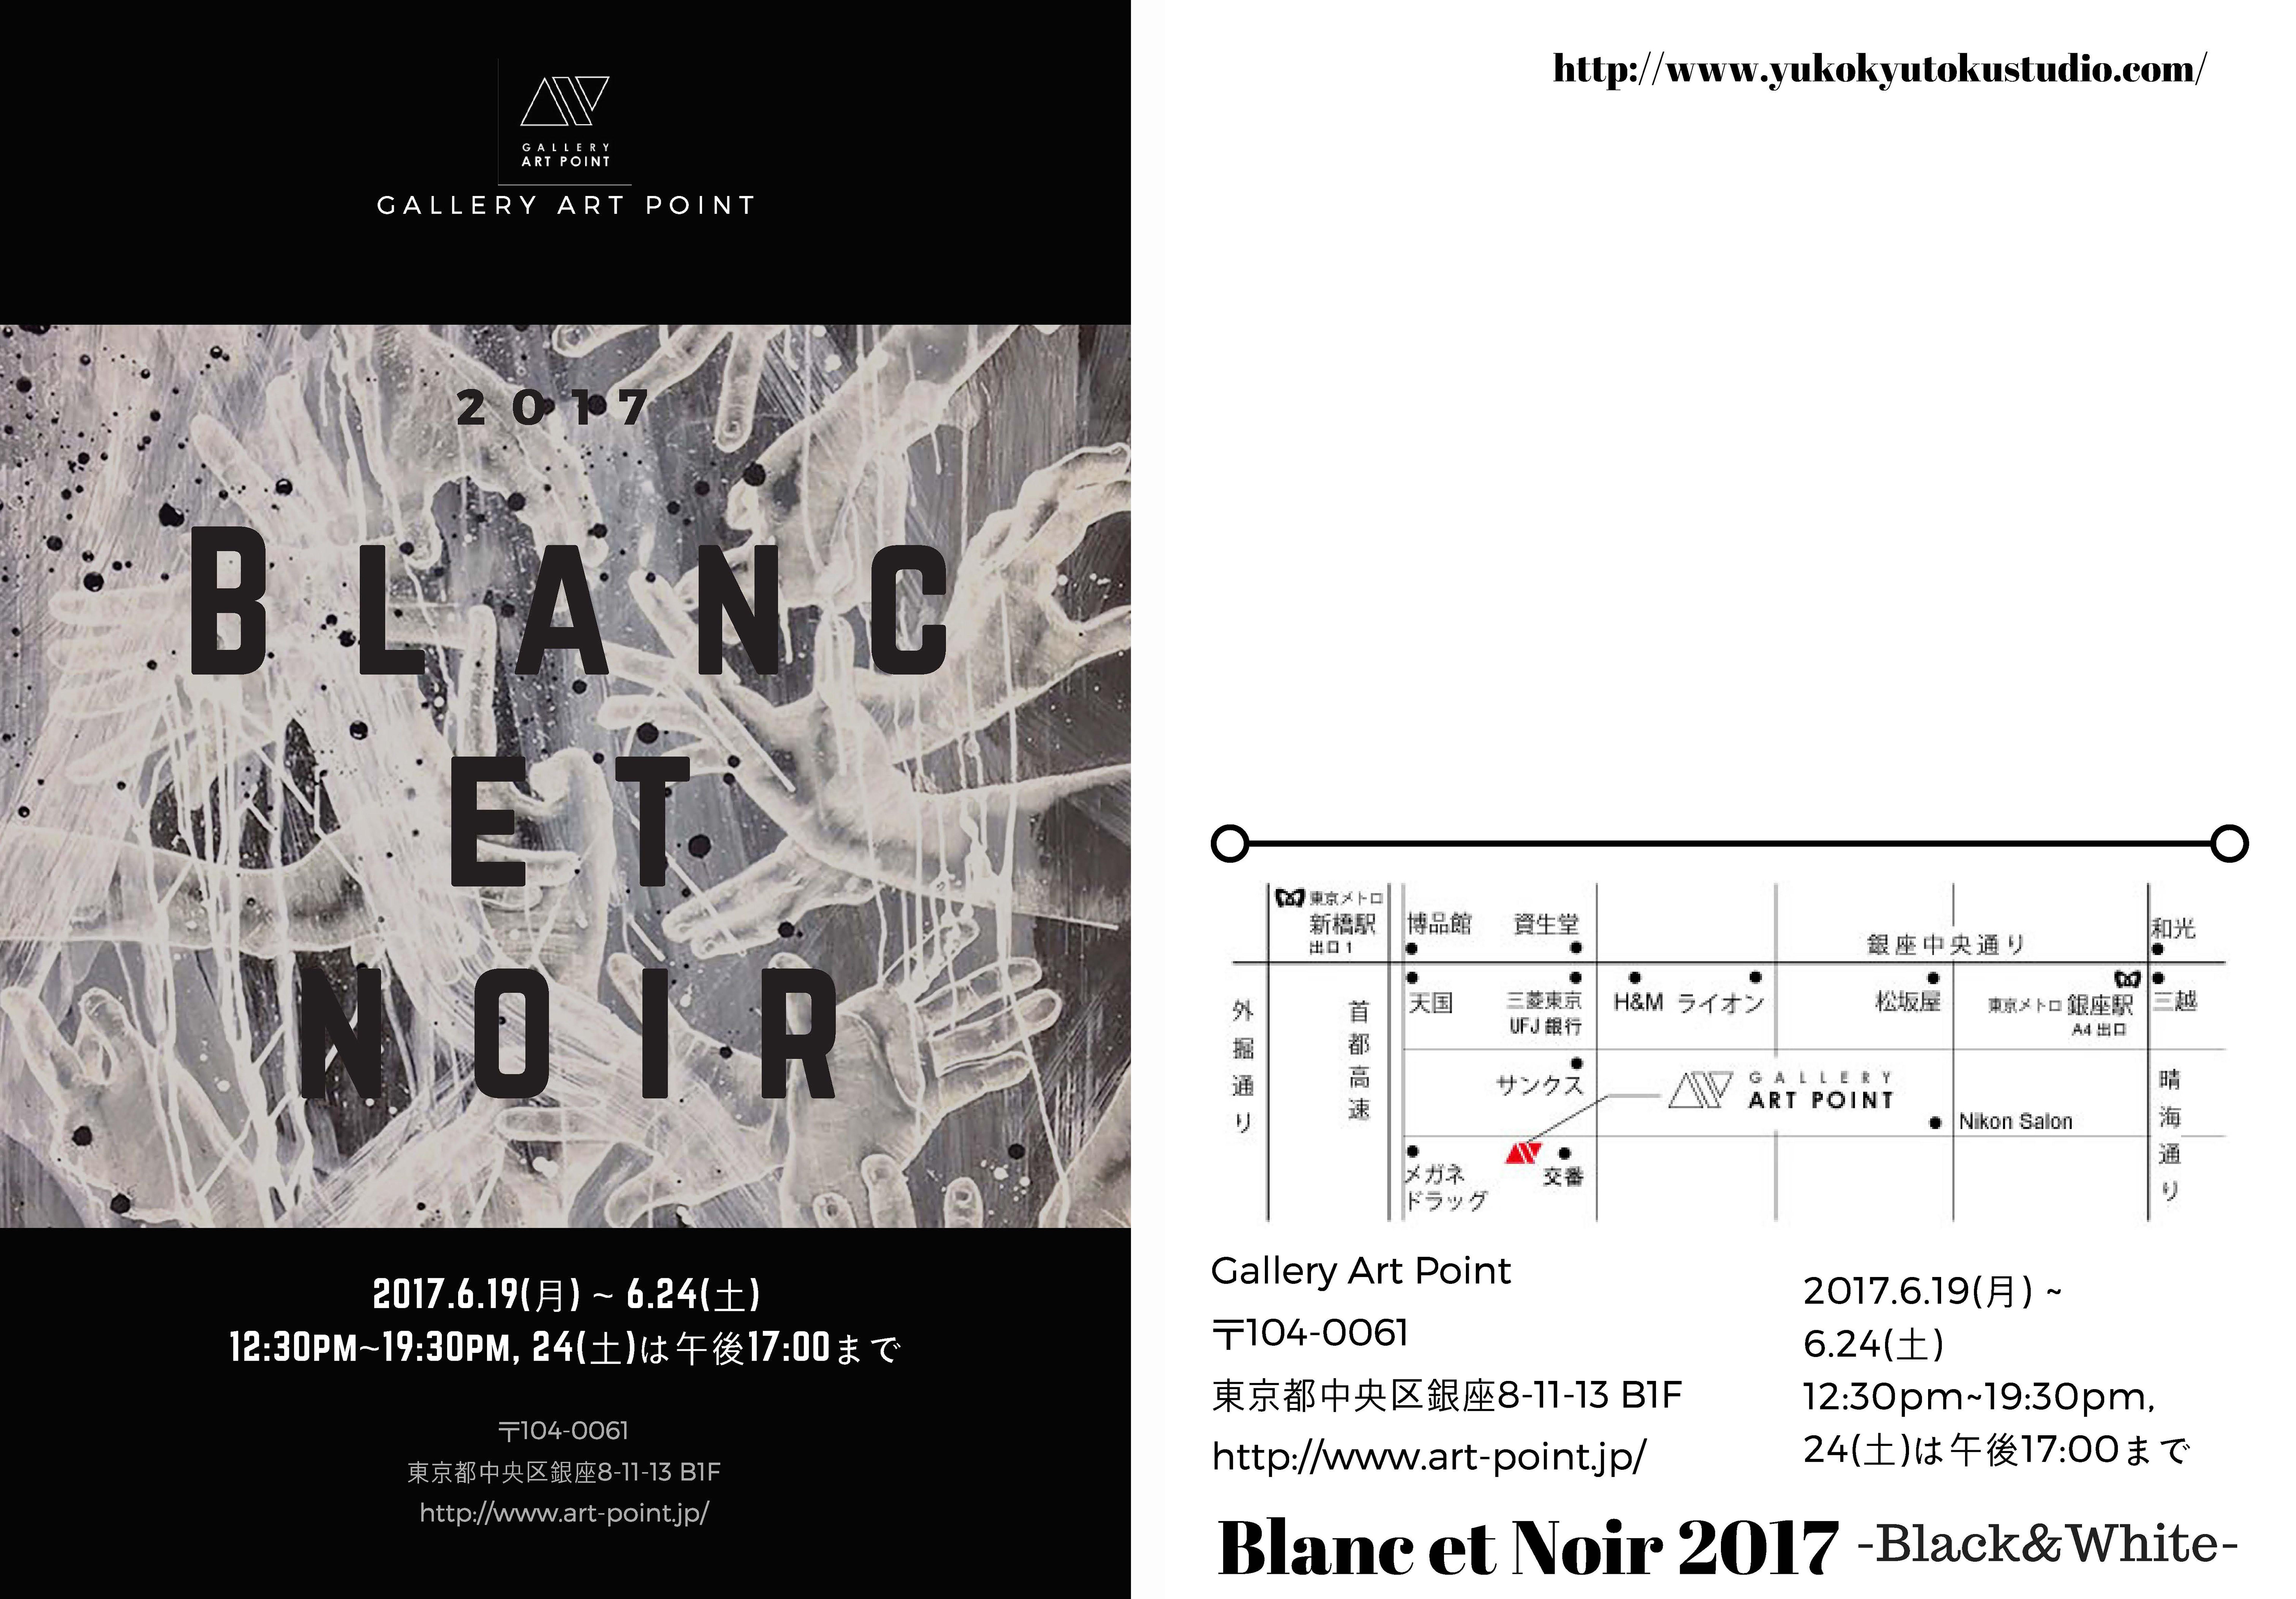 Blanc et Noir - Black&White 2017 -